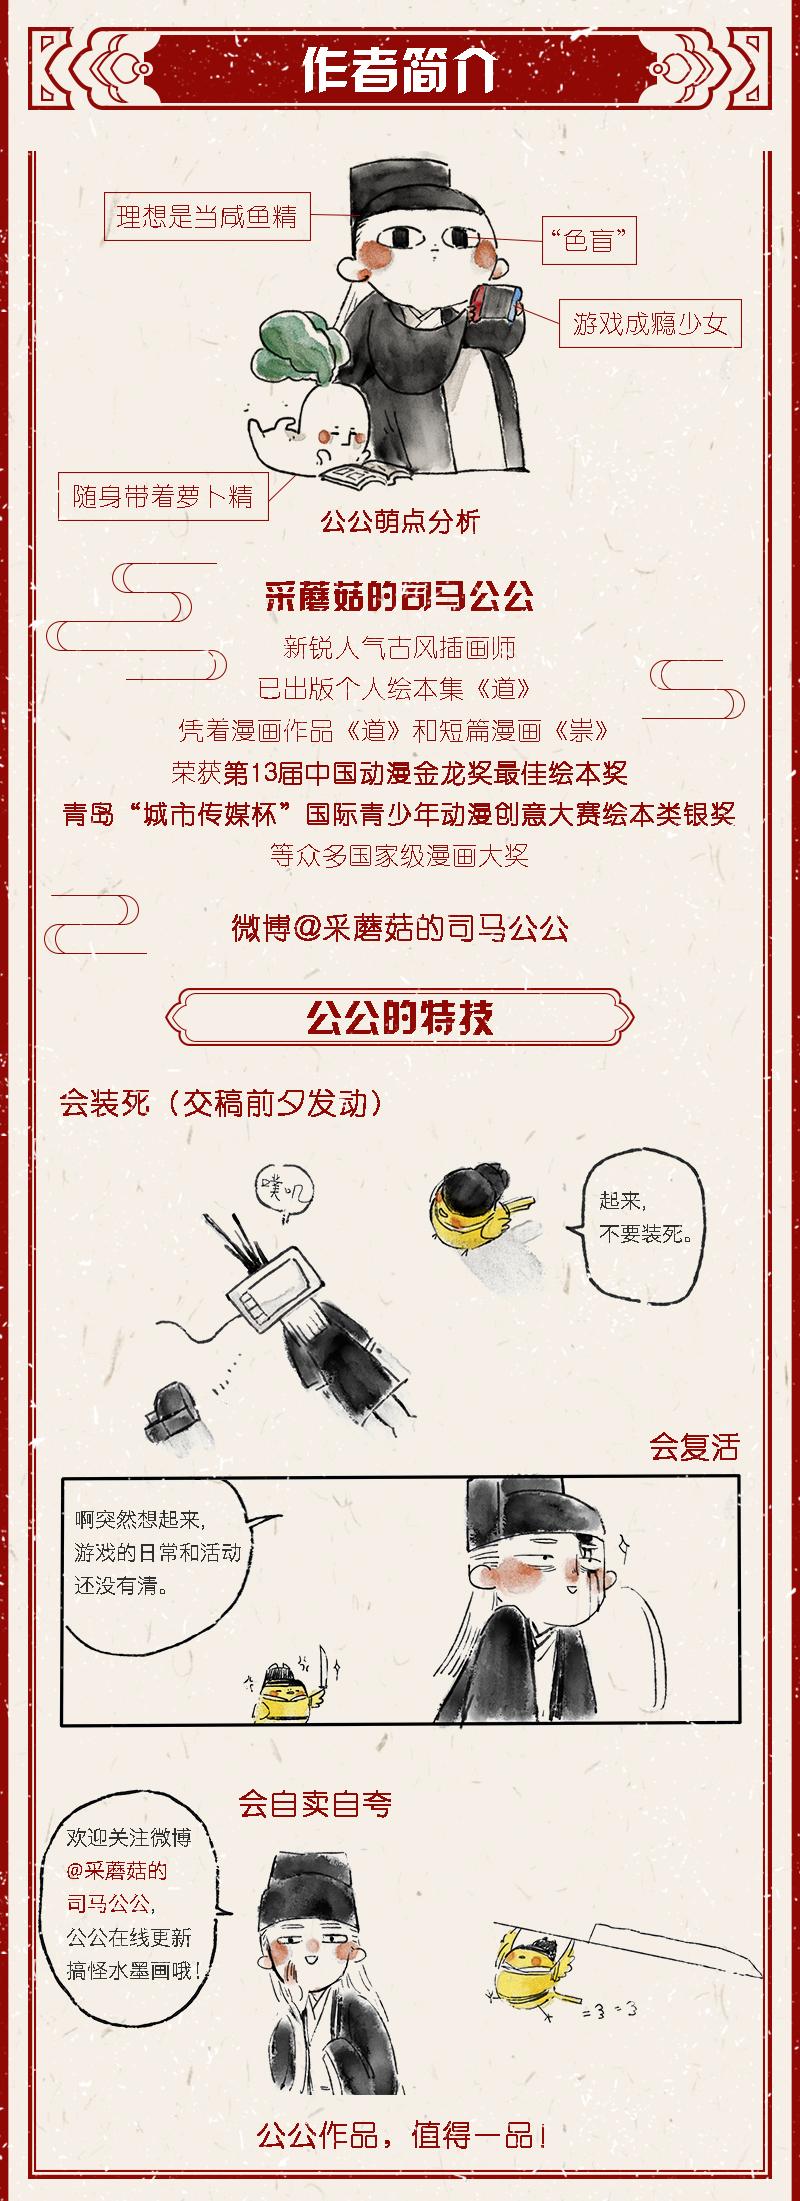 长图_cr4.jpg